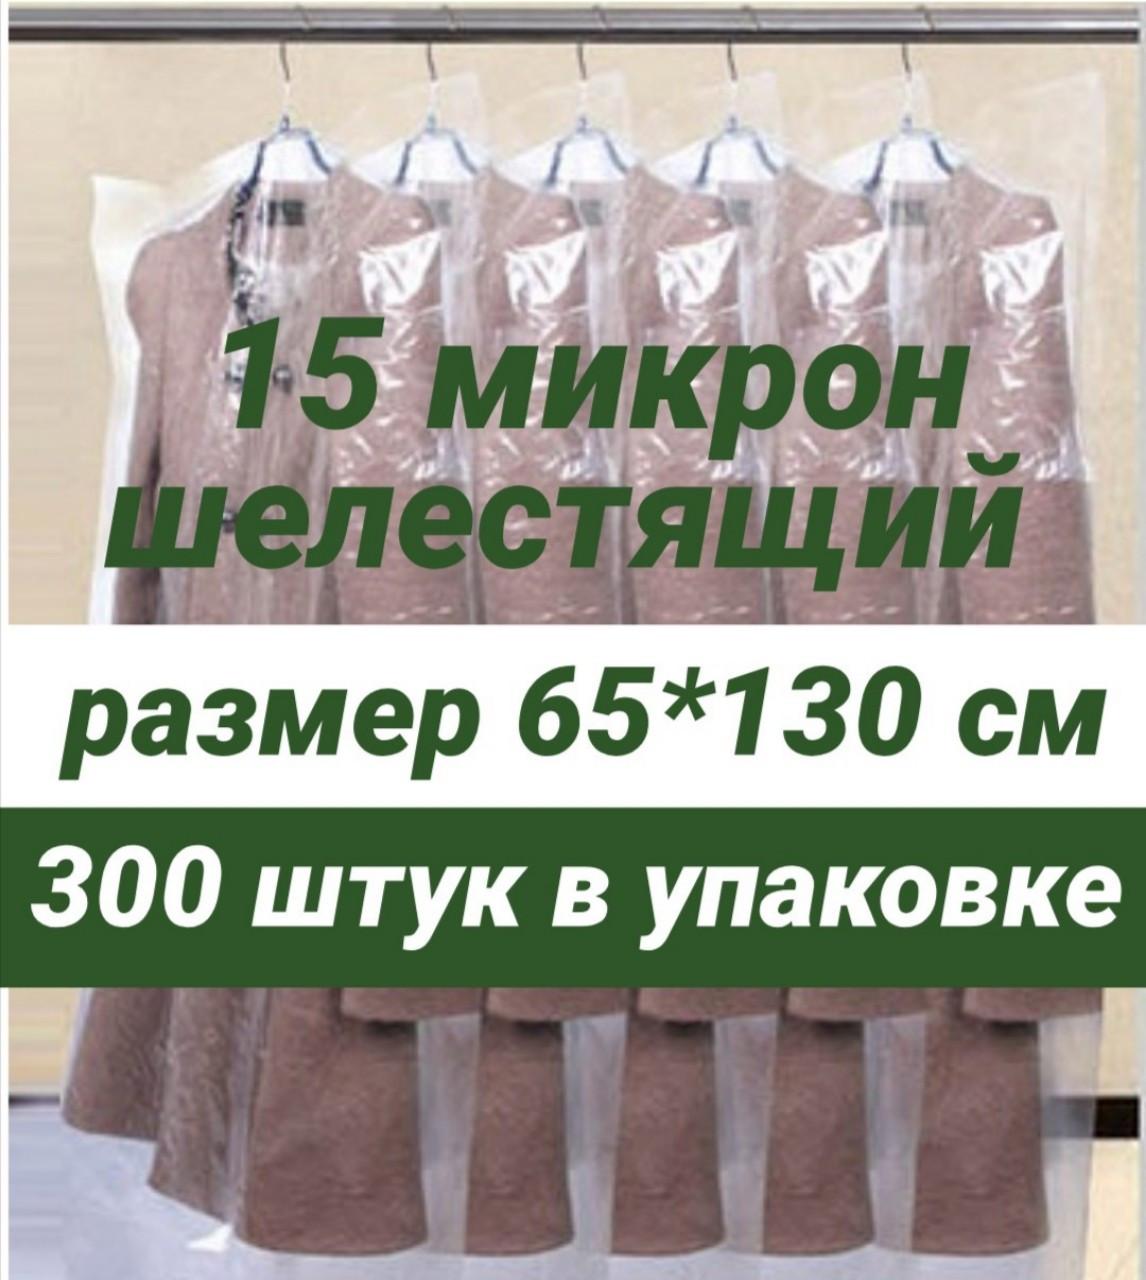 Размер 65*130 см, 300 шт в упаковкеЧехлы для одежды полиэтиленовые шелестящие, толщина 15 микрон